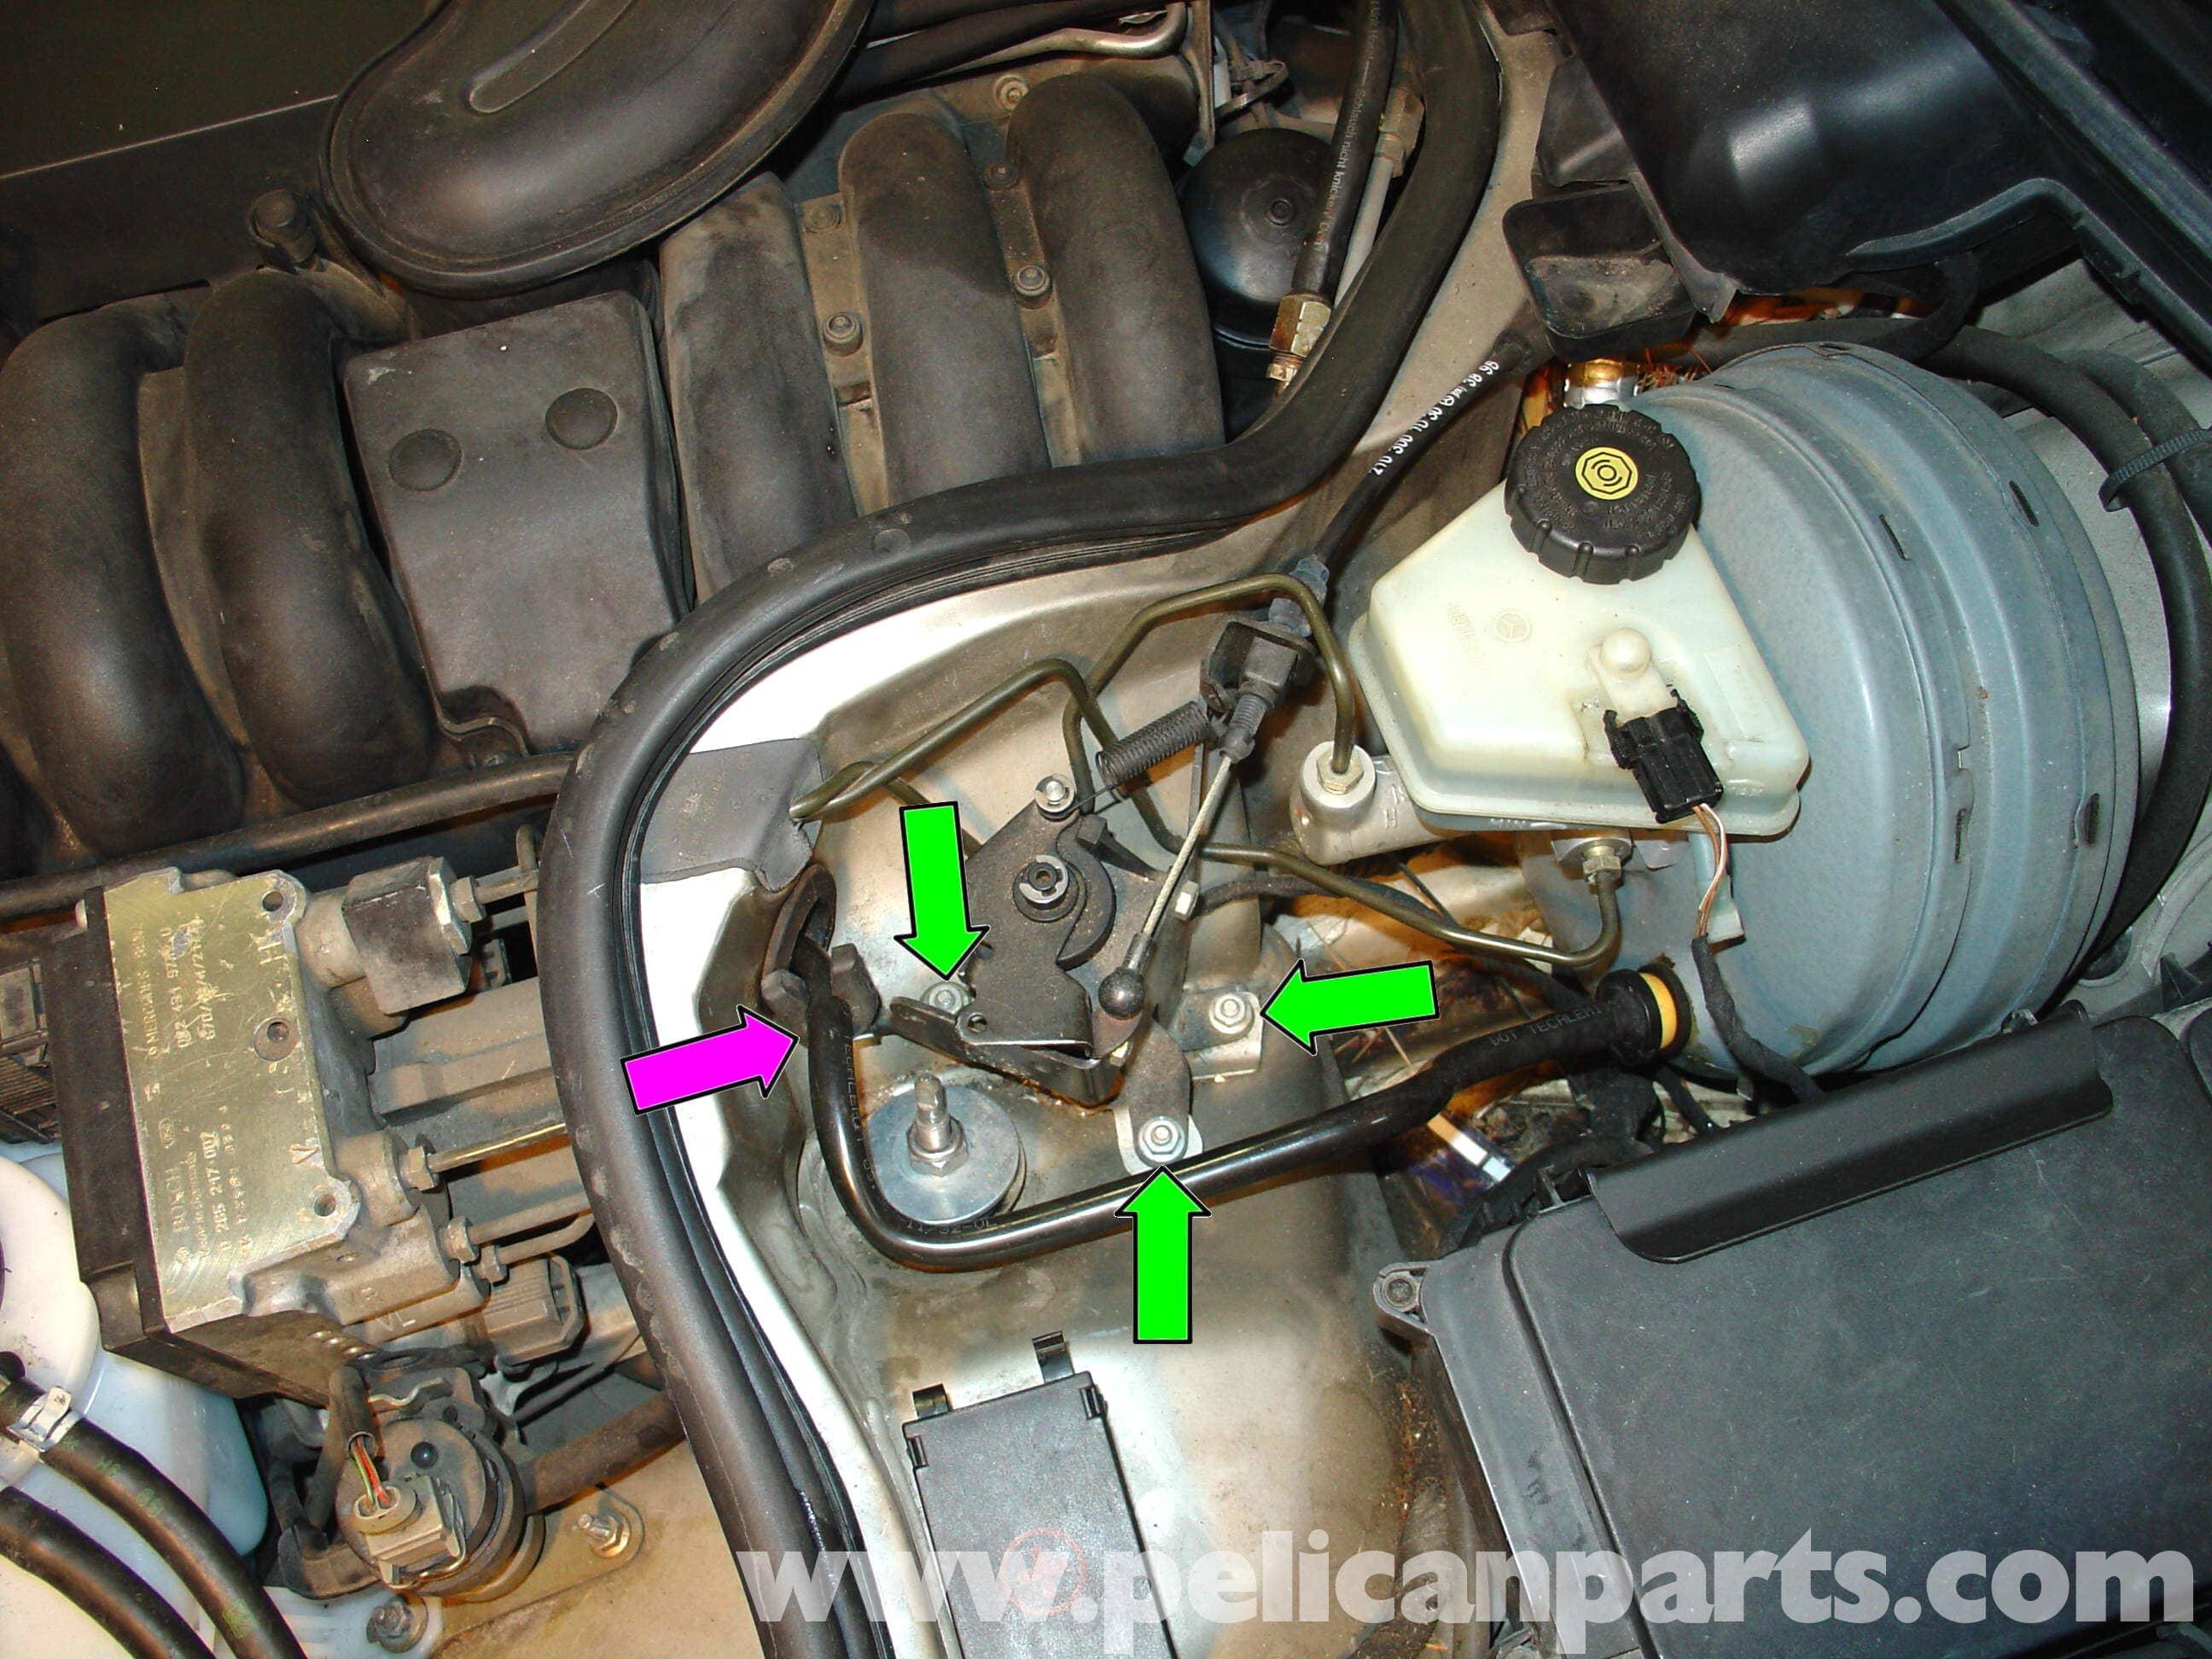 Mercedes benz w210 brake master cylinder replacement 1996 for Replacement parts for mercedes benz